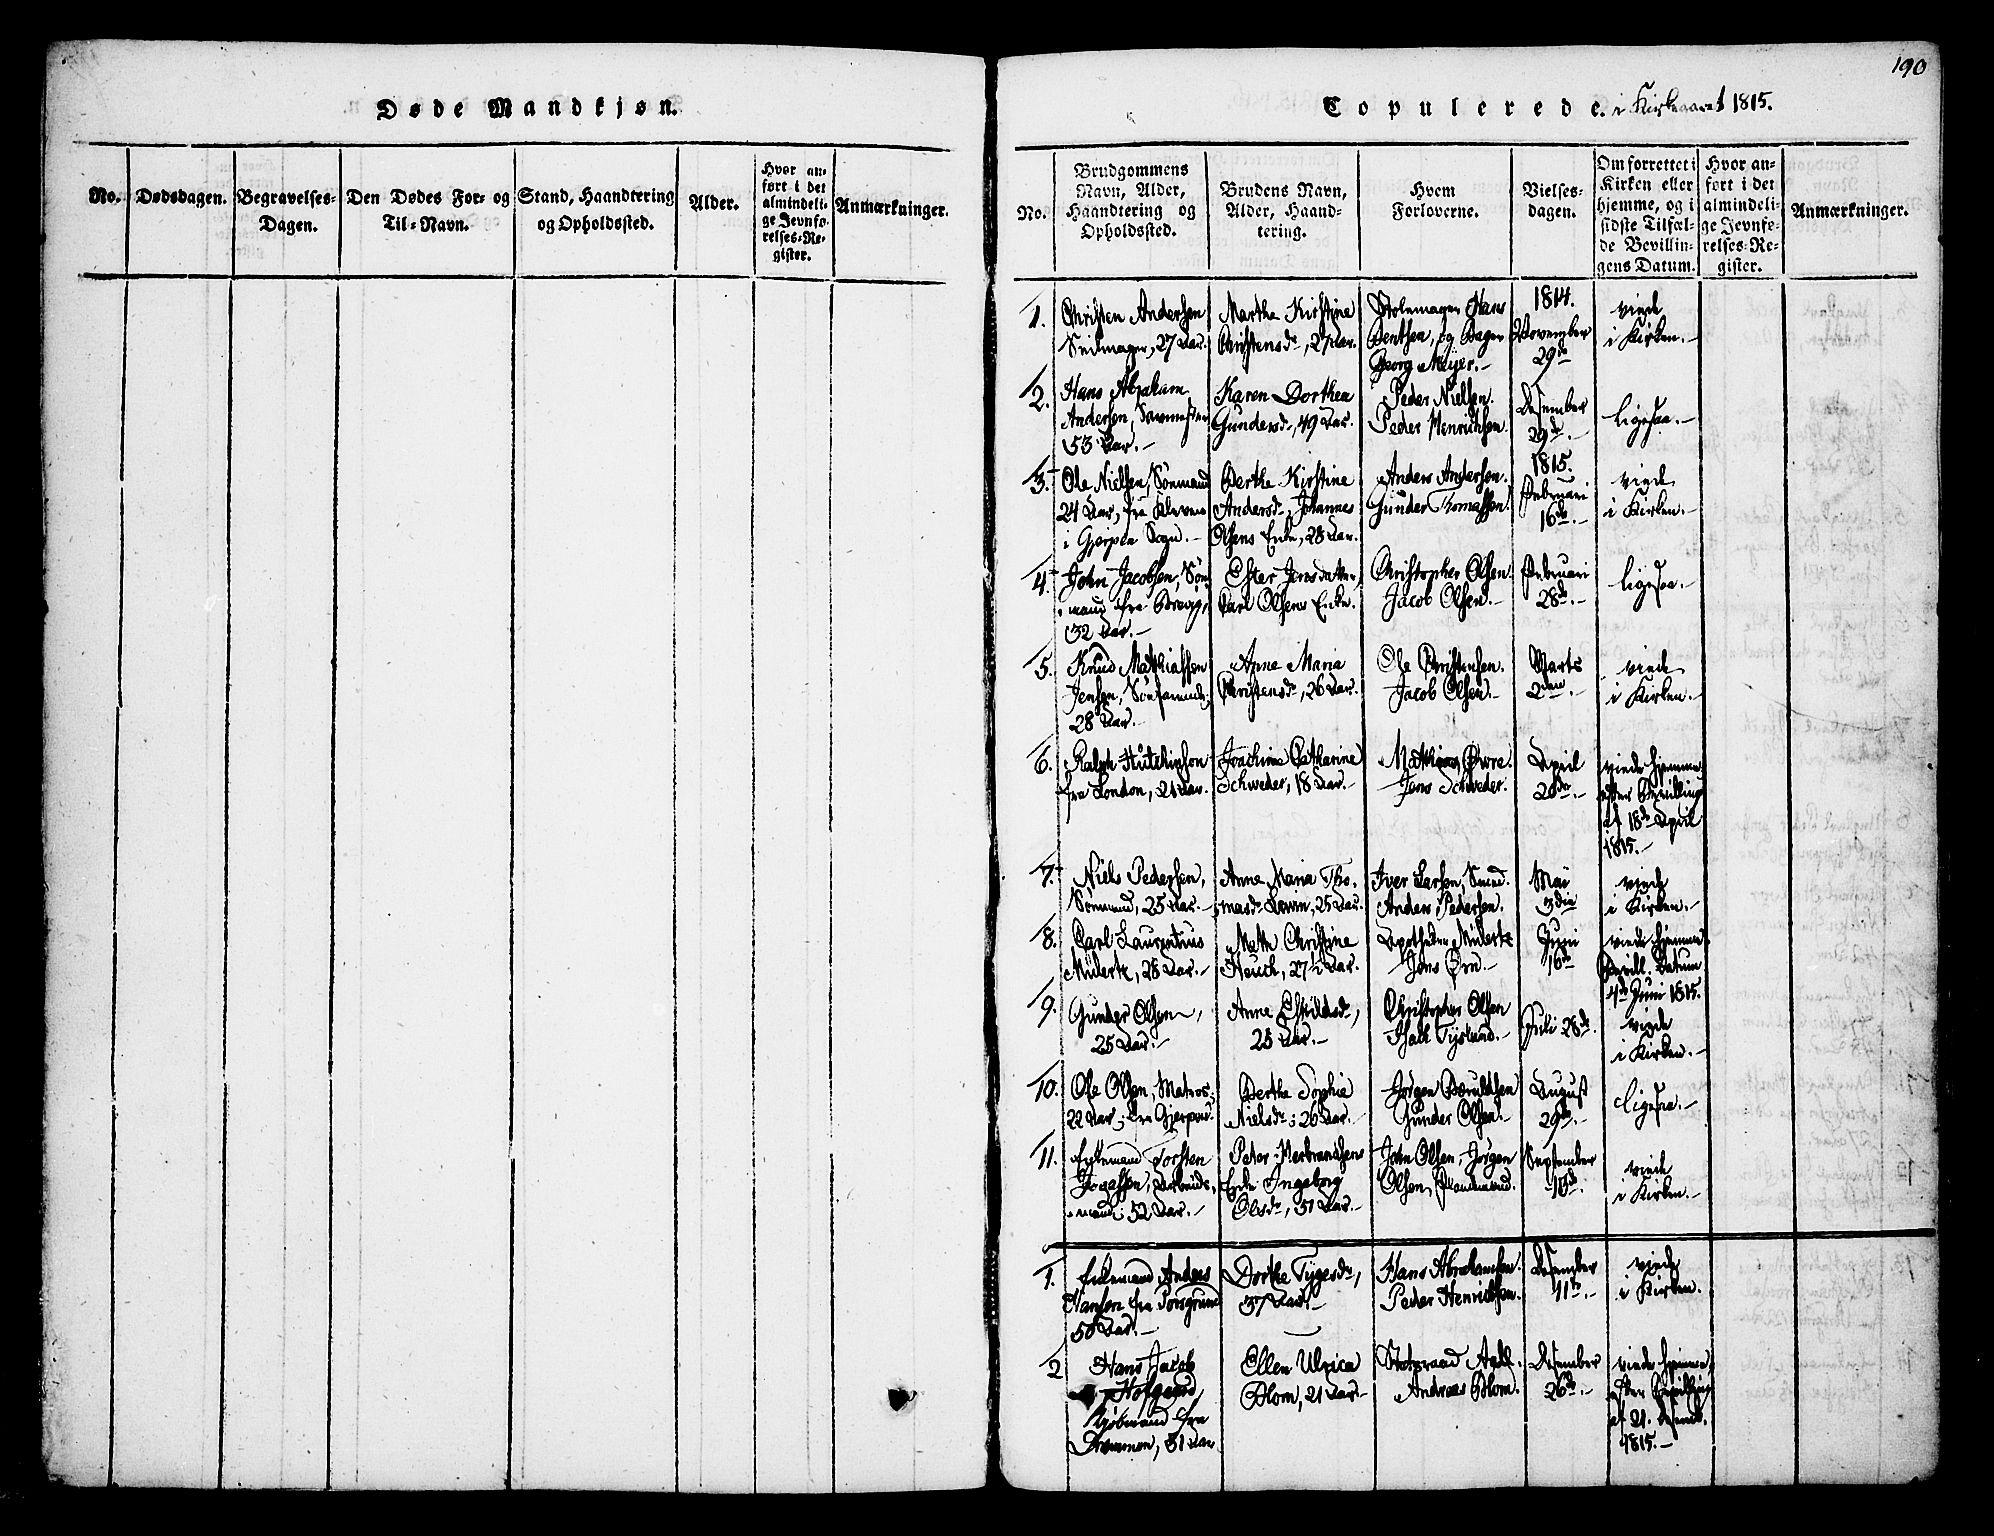 SAKO, Skien kirkebøker, F/Fa/L0005: Ministerialbok nr. 5, 1814-1843, s. 190